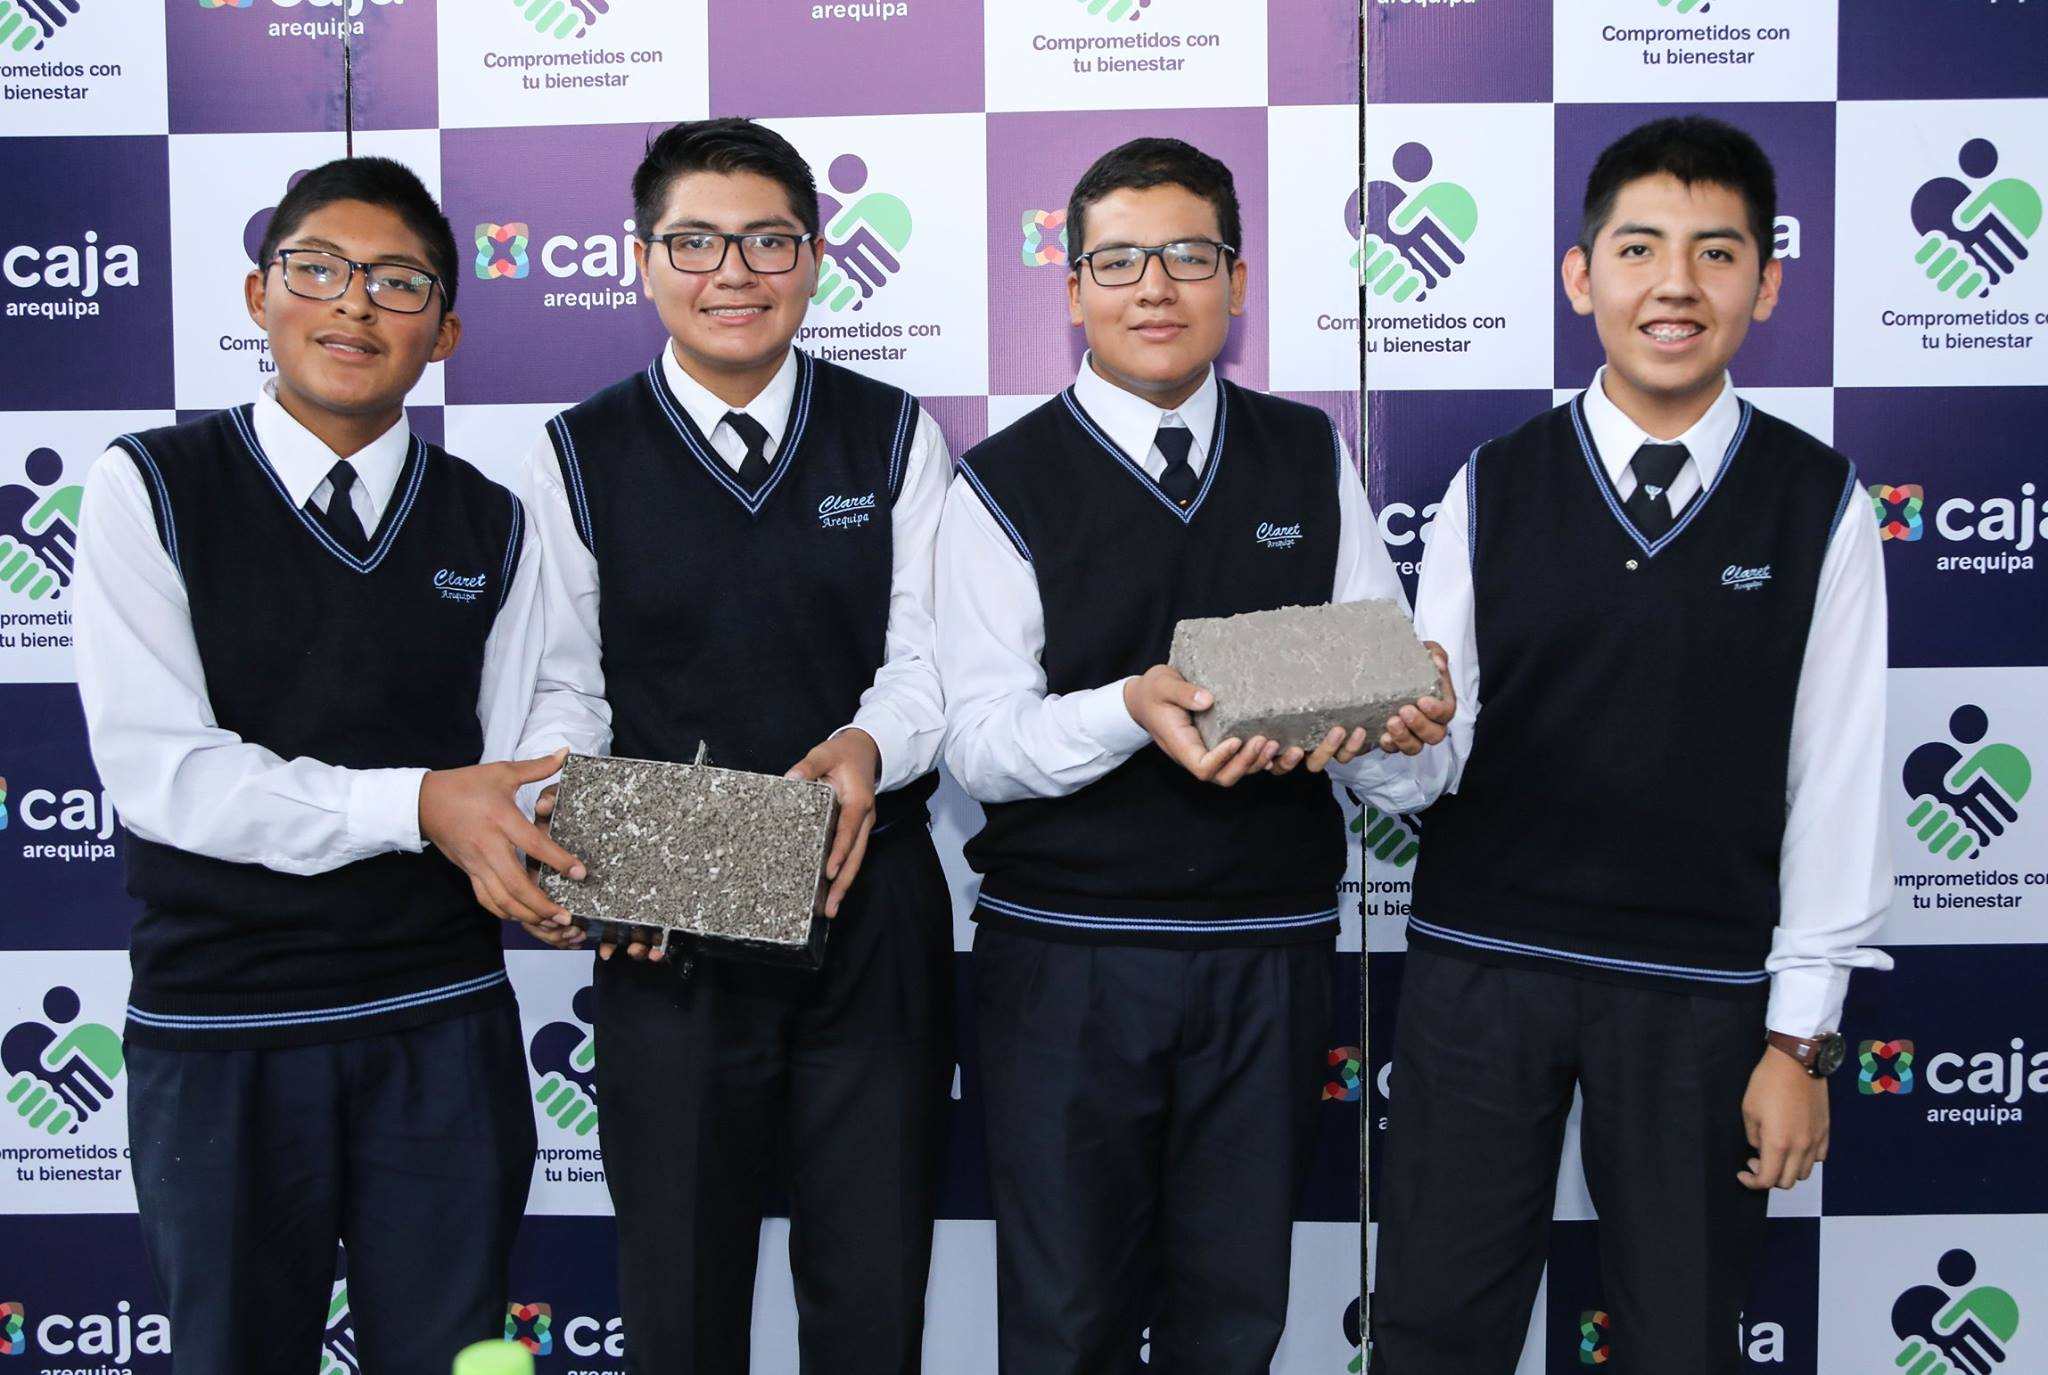 97c2d60af Emprendedores crean ladrillo de plástico reciclado. Caja Arequipa